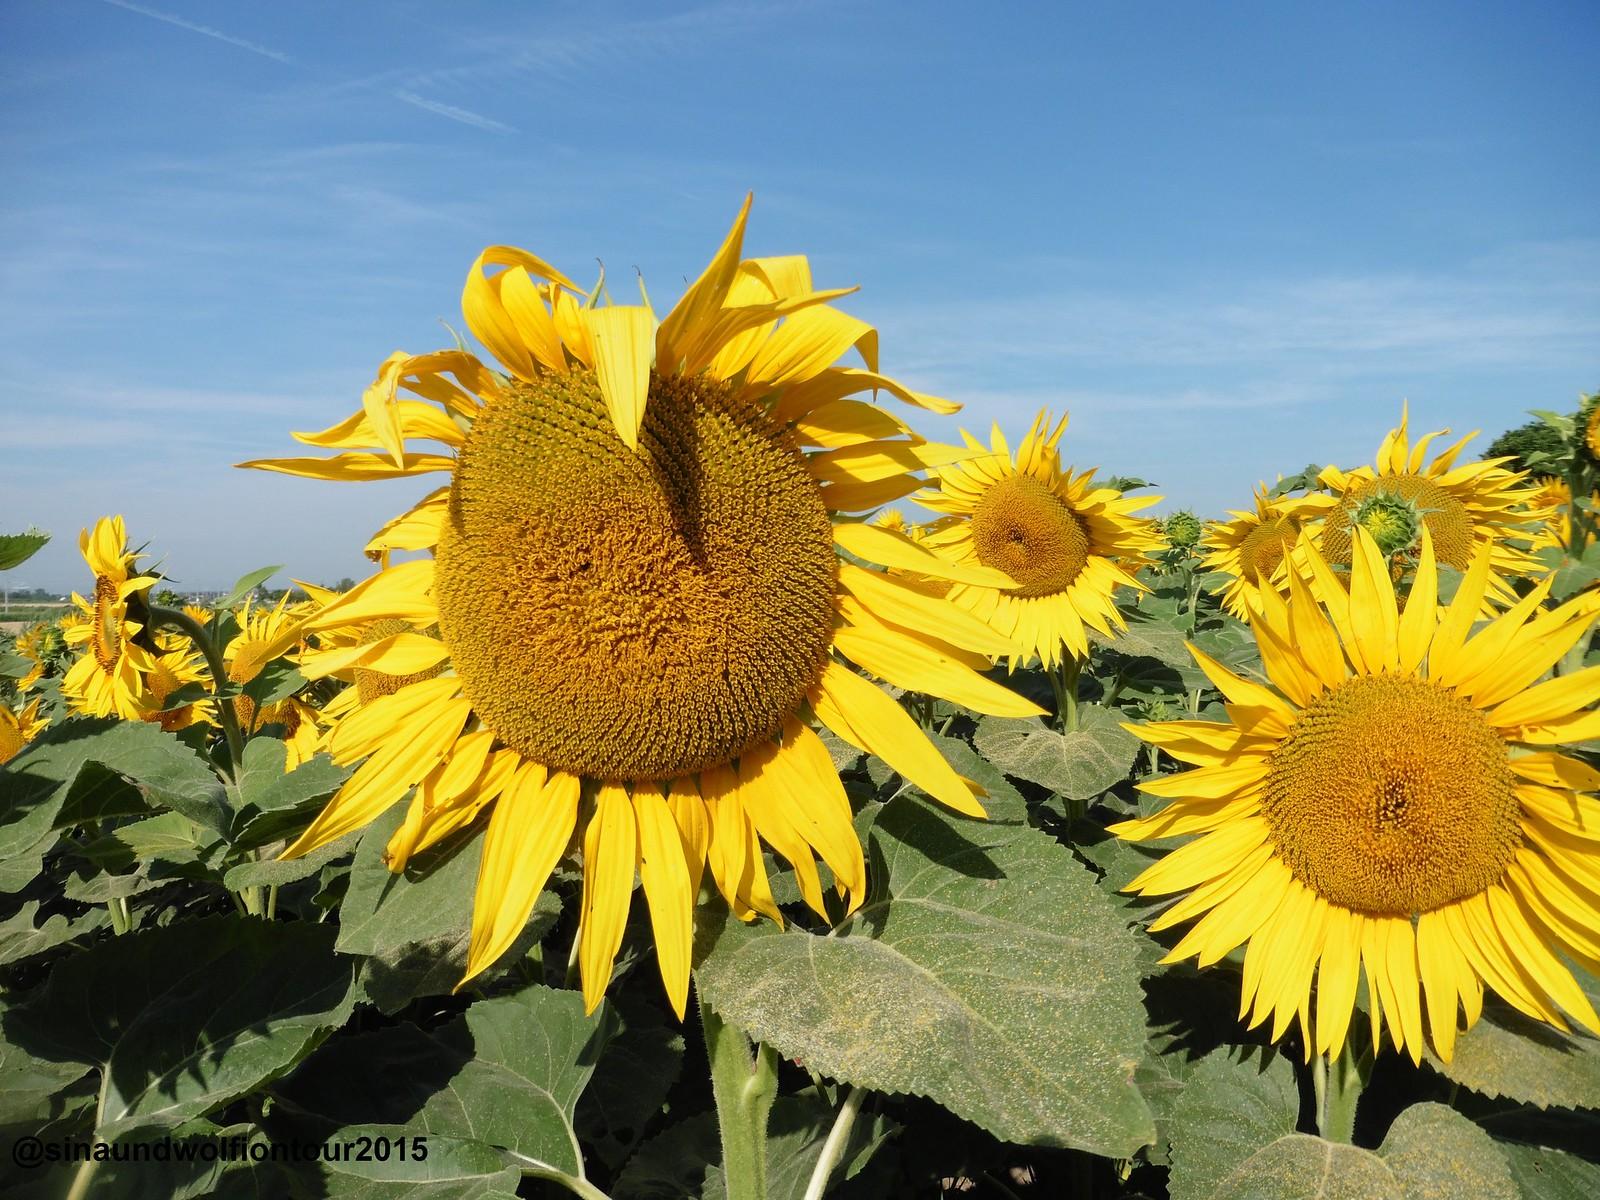 noch mehr Sonnenblumen